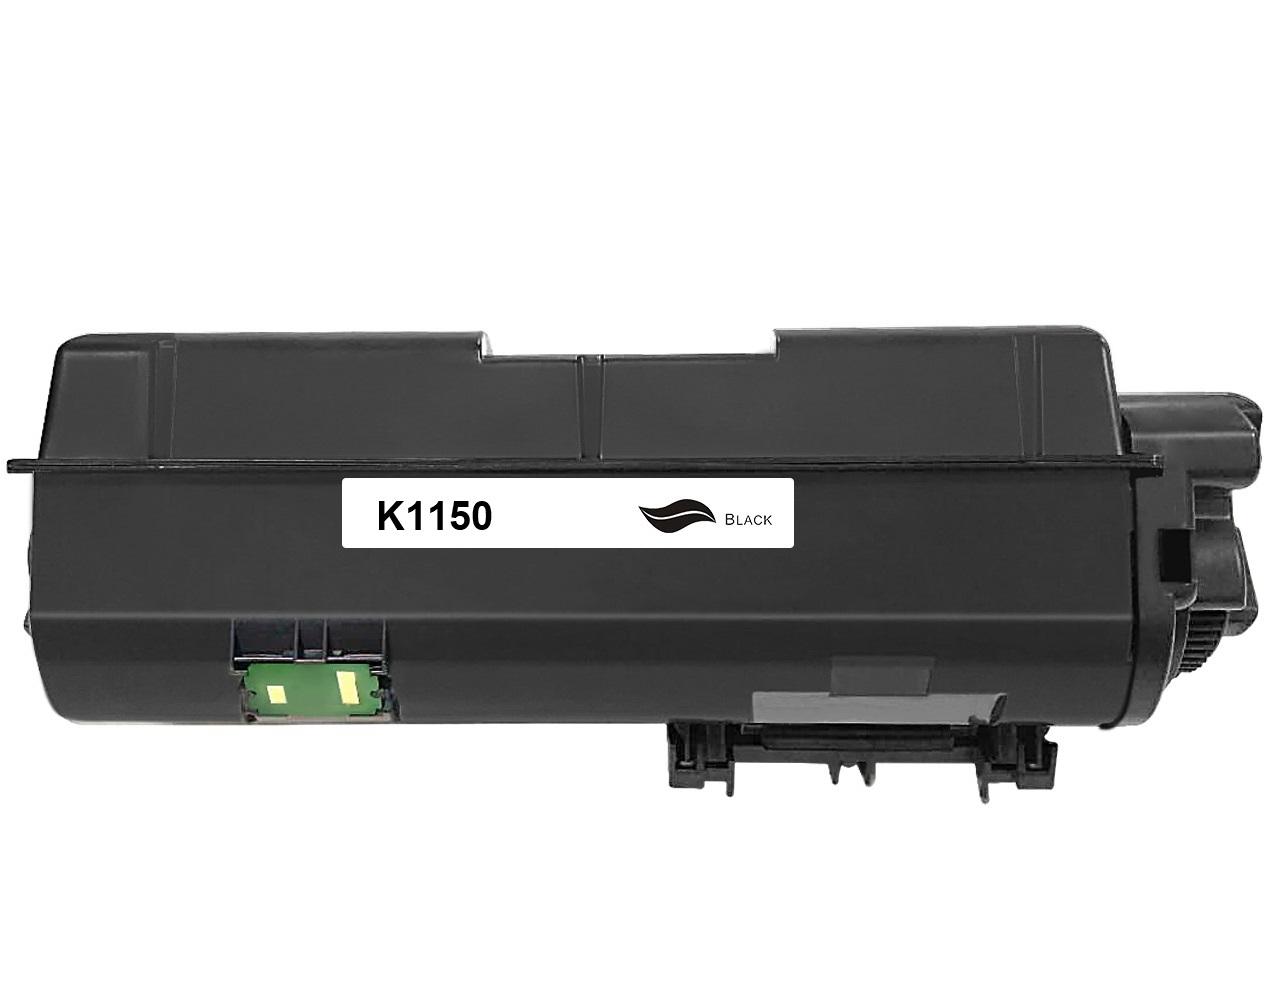 TONER TK-1150 NOIR